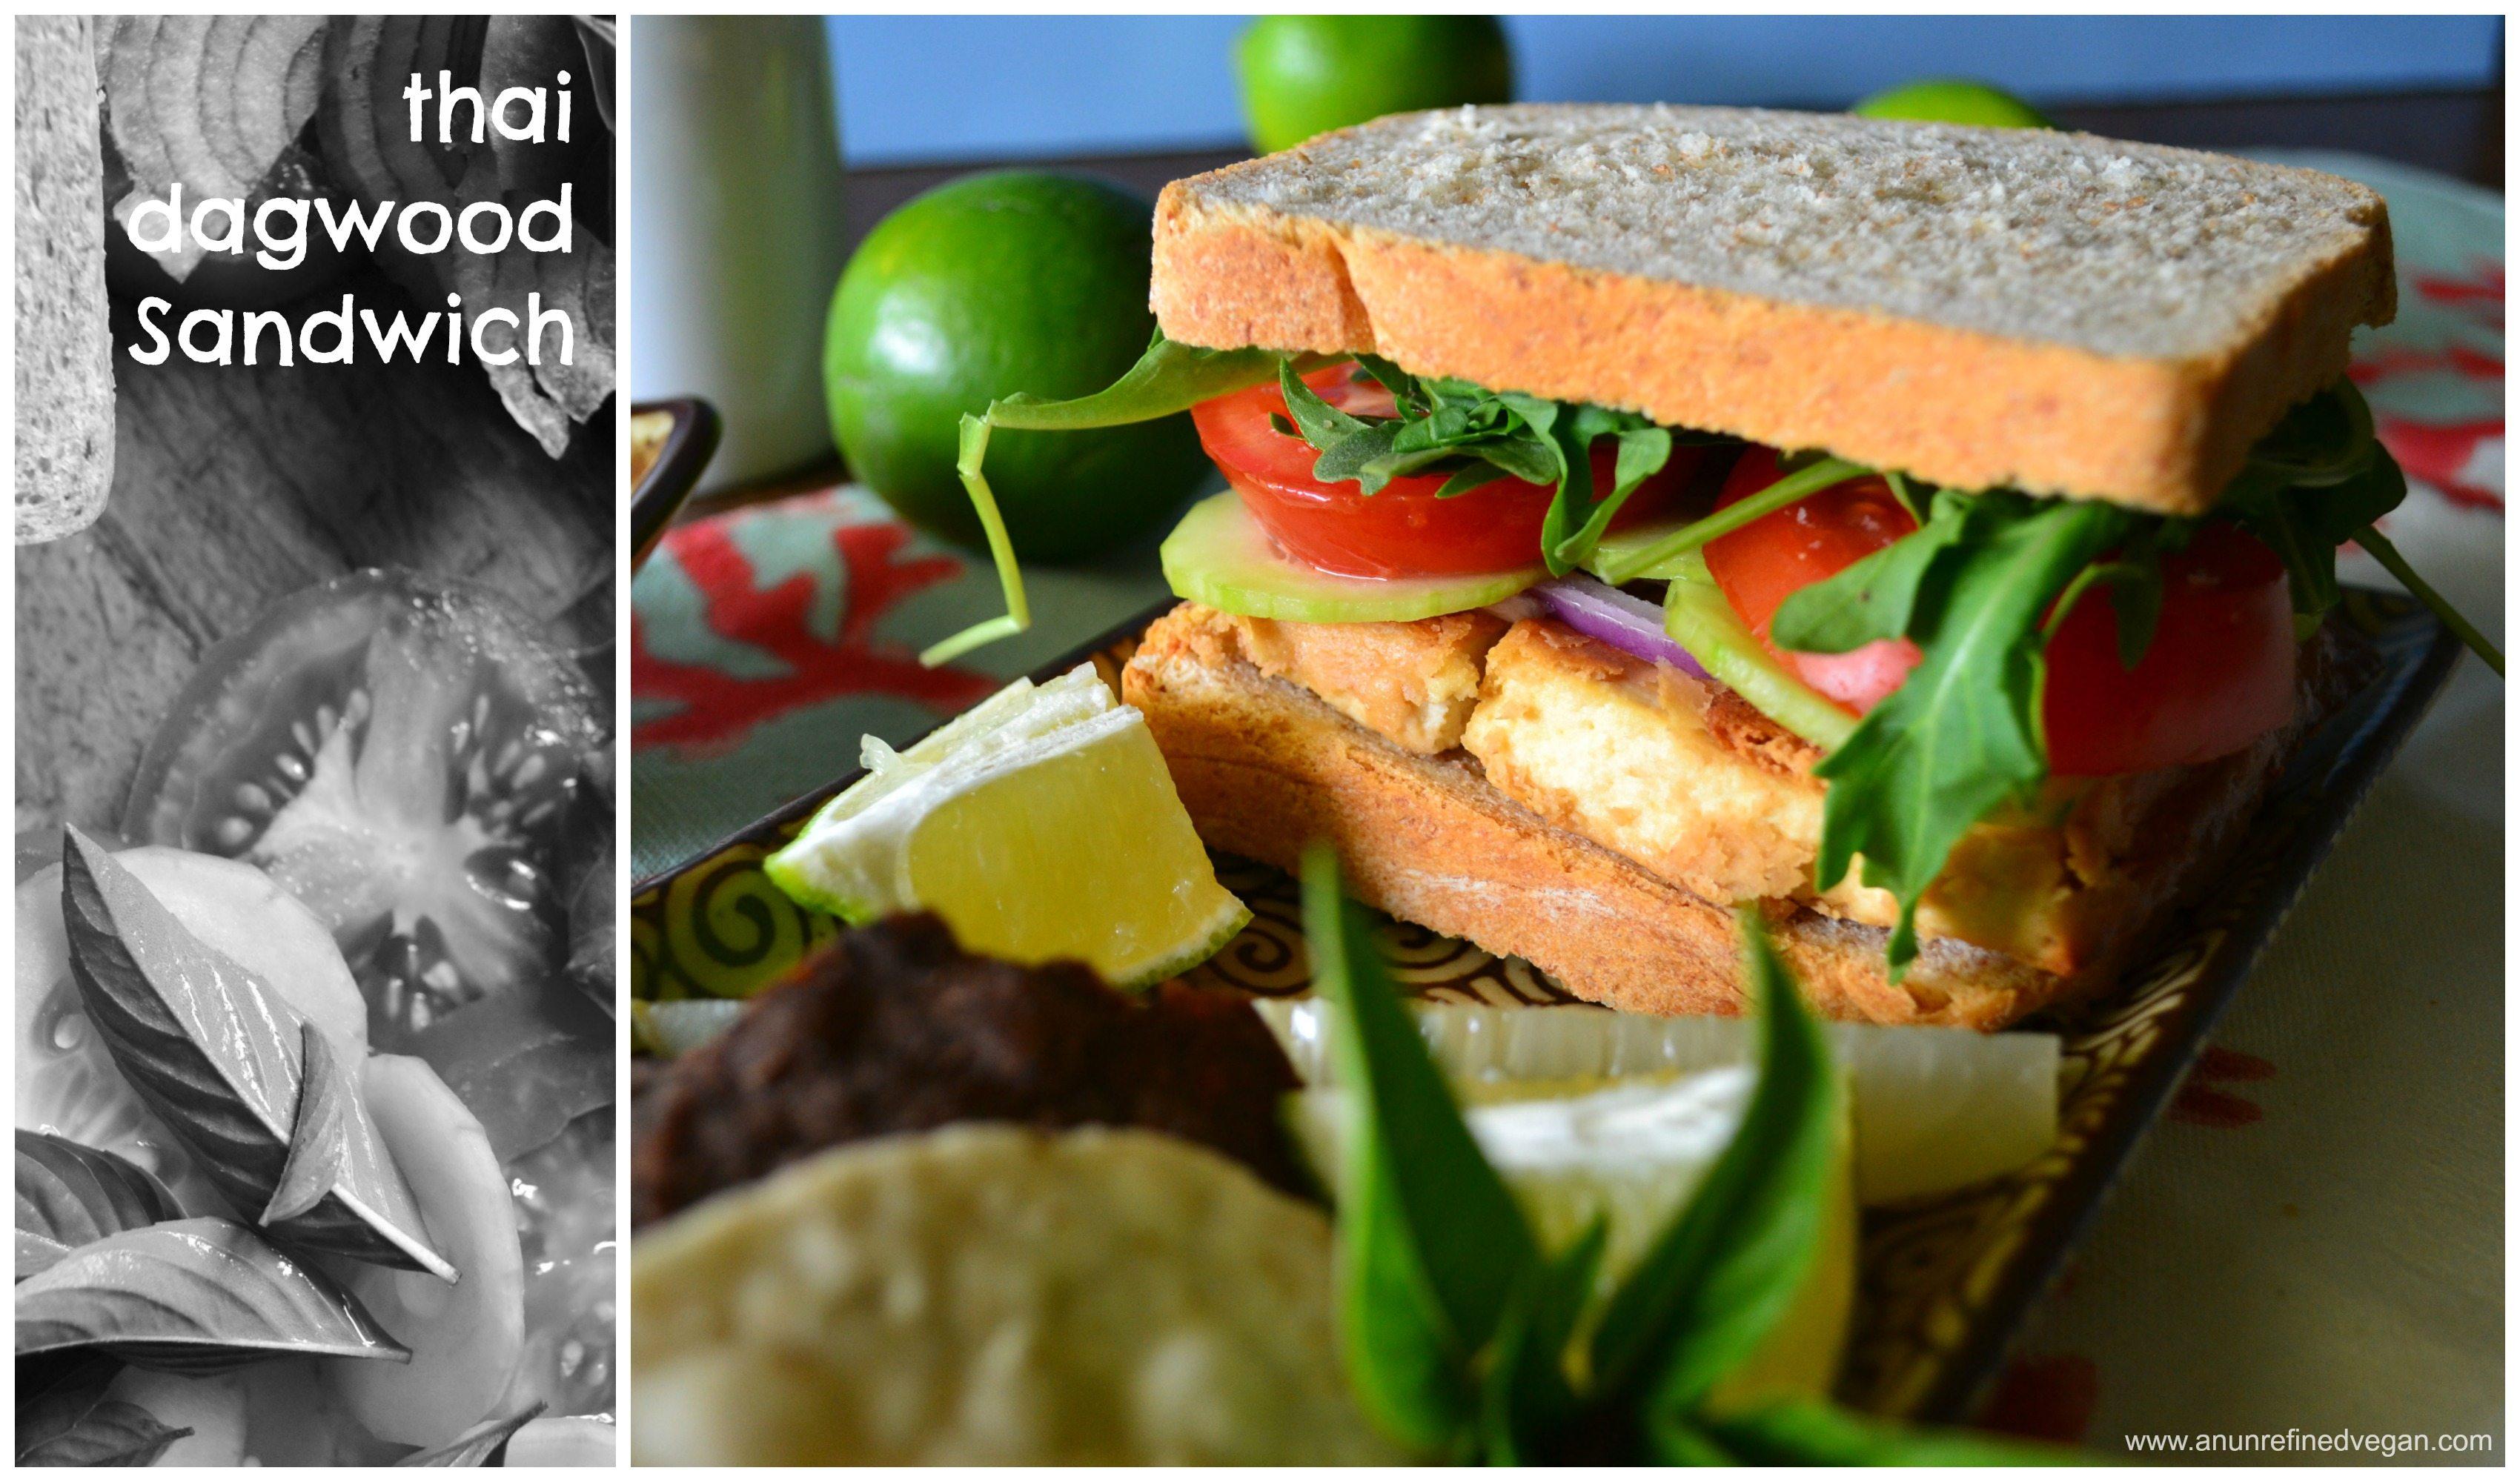 Thai Dagwood Sandwich